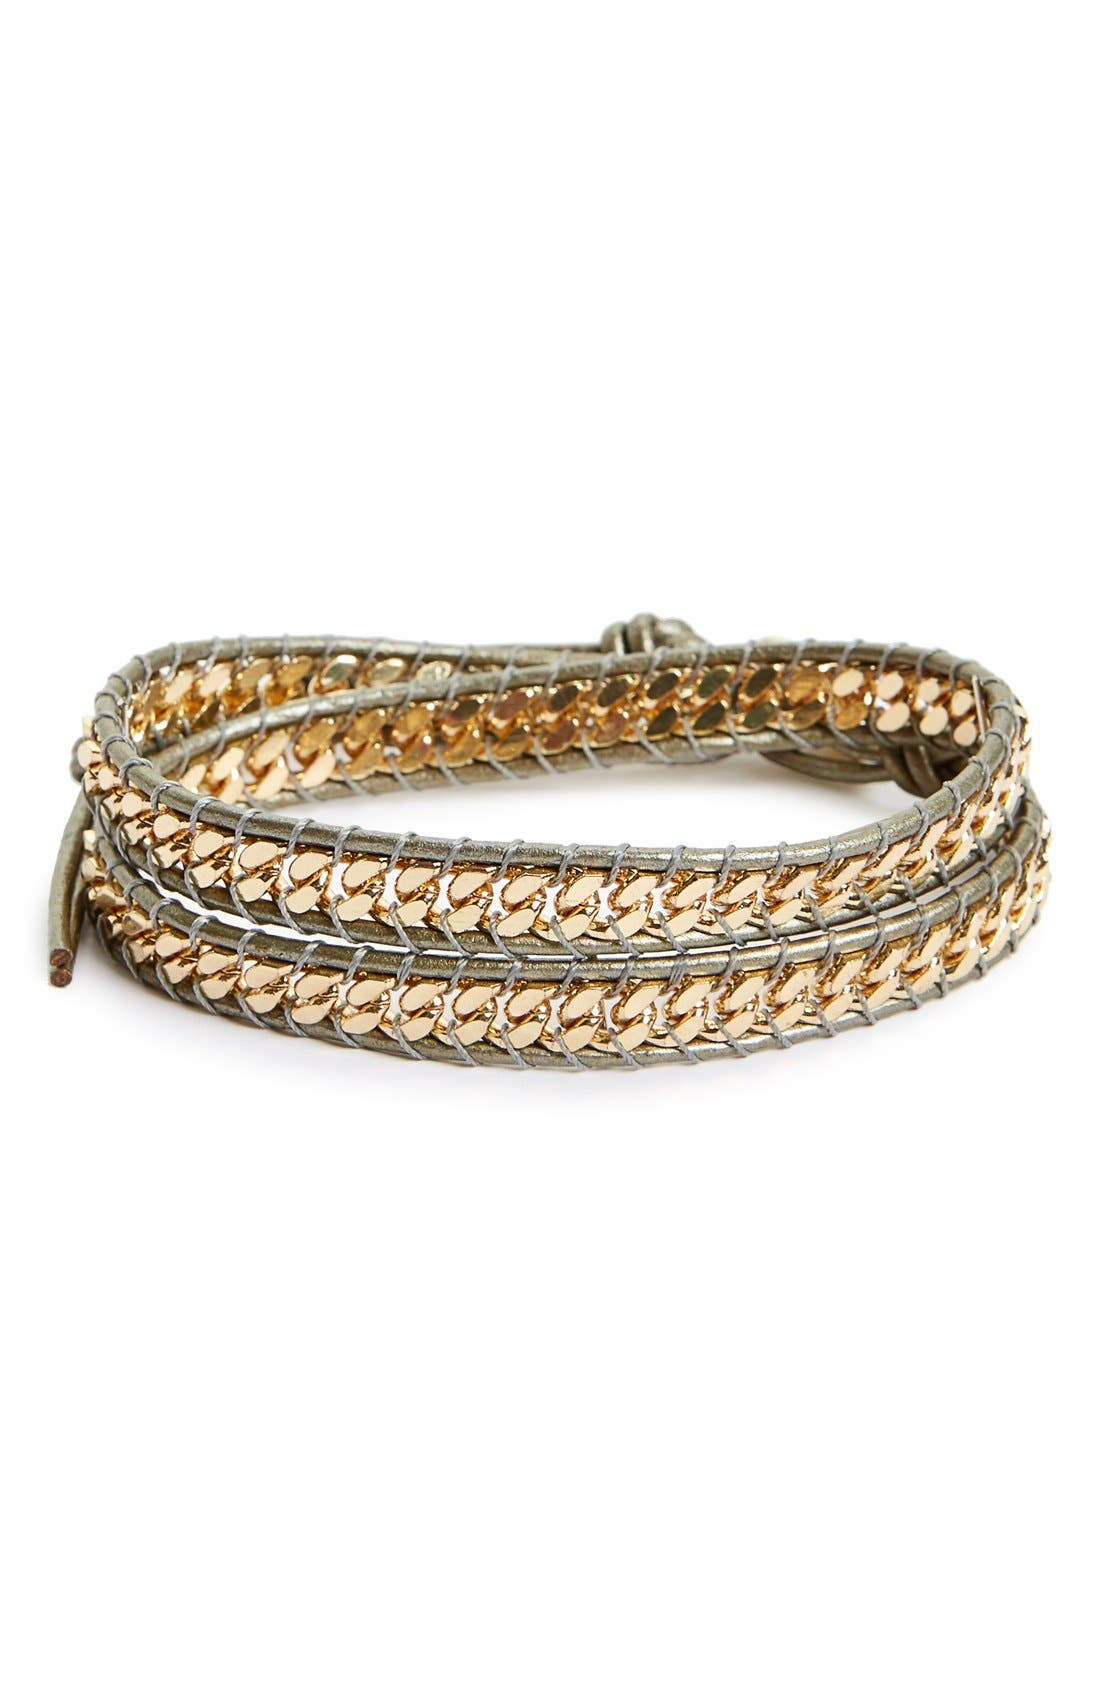 Main Image - Panacea Curb Chain Wrap Bracelet